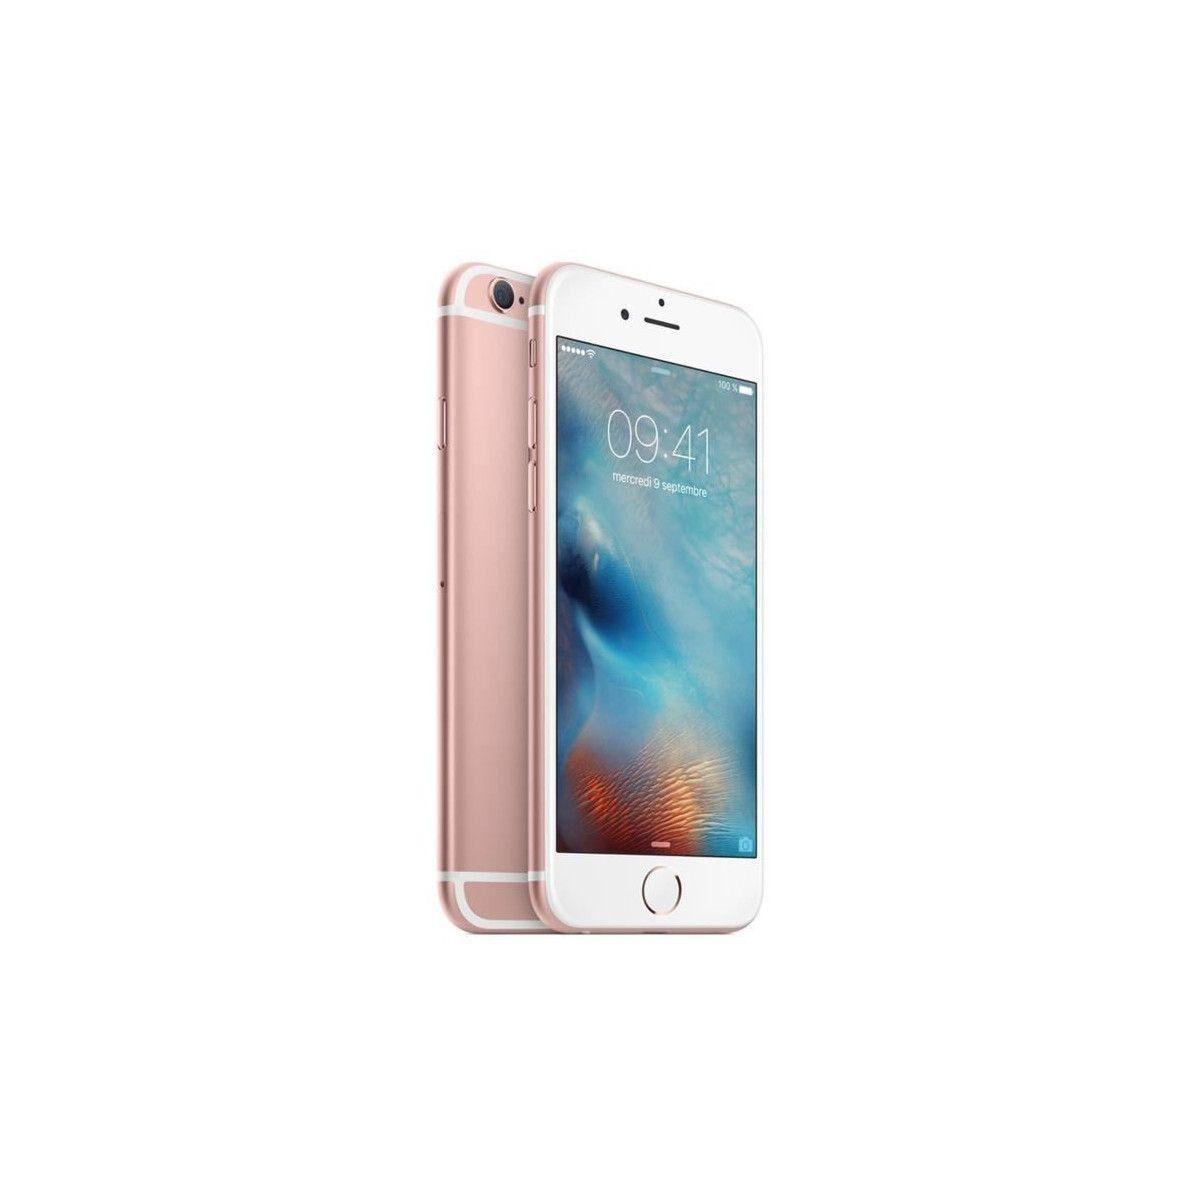 APPLE iPhone 6s Plus - 128 Go - Or rose